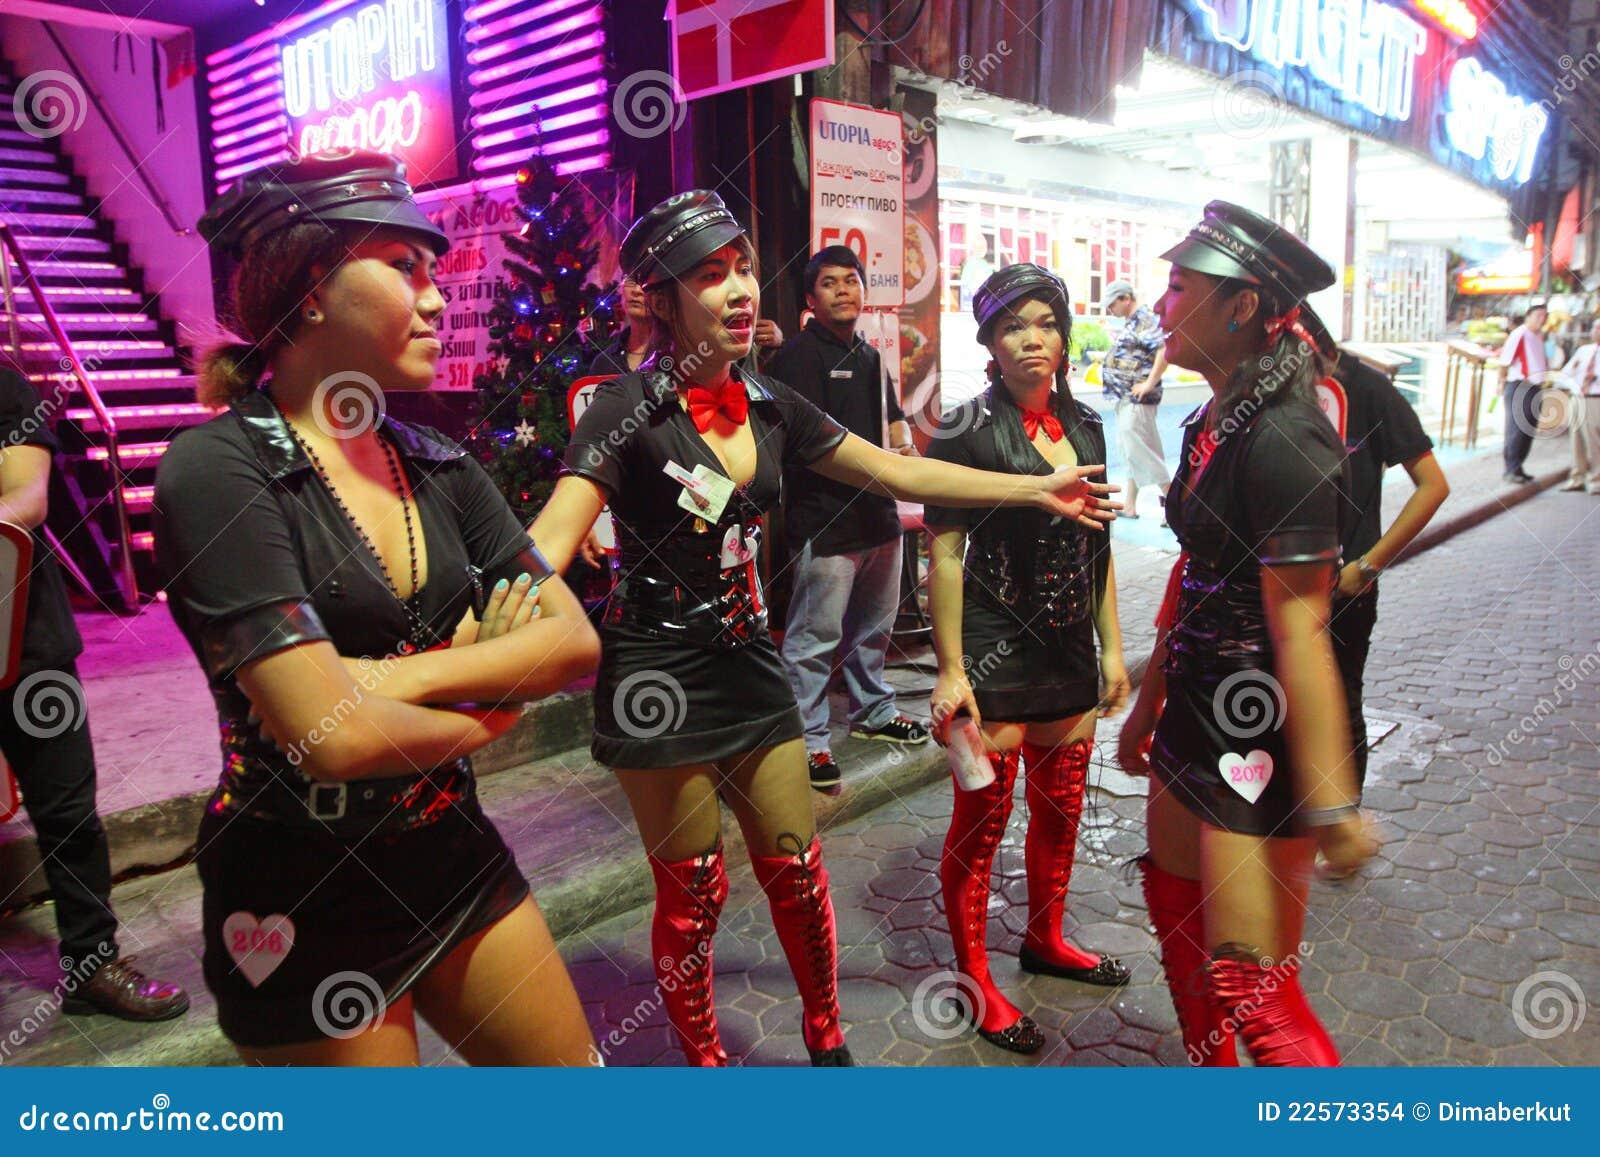 Forum prostituées bois de vincennes